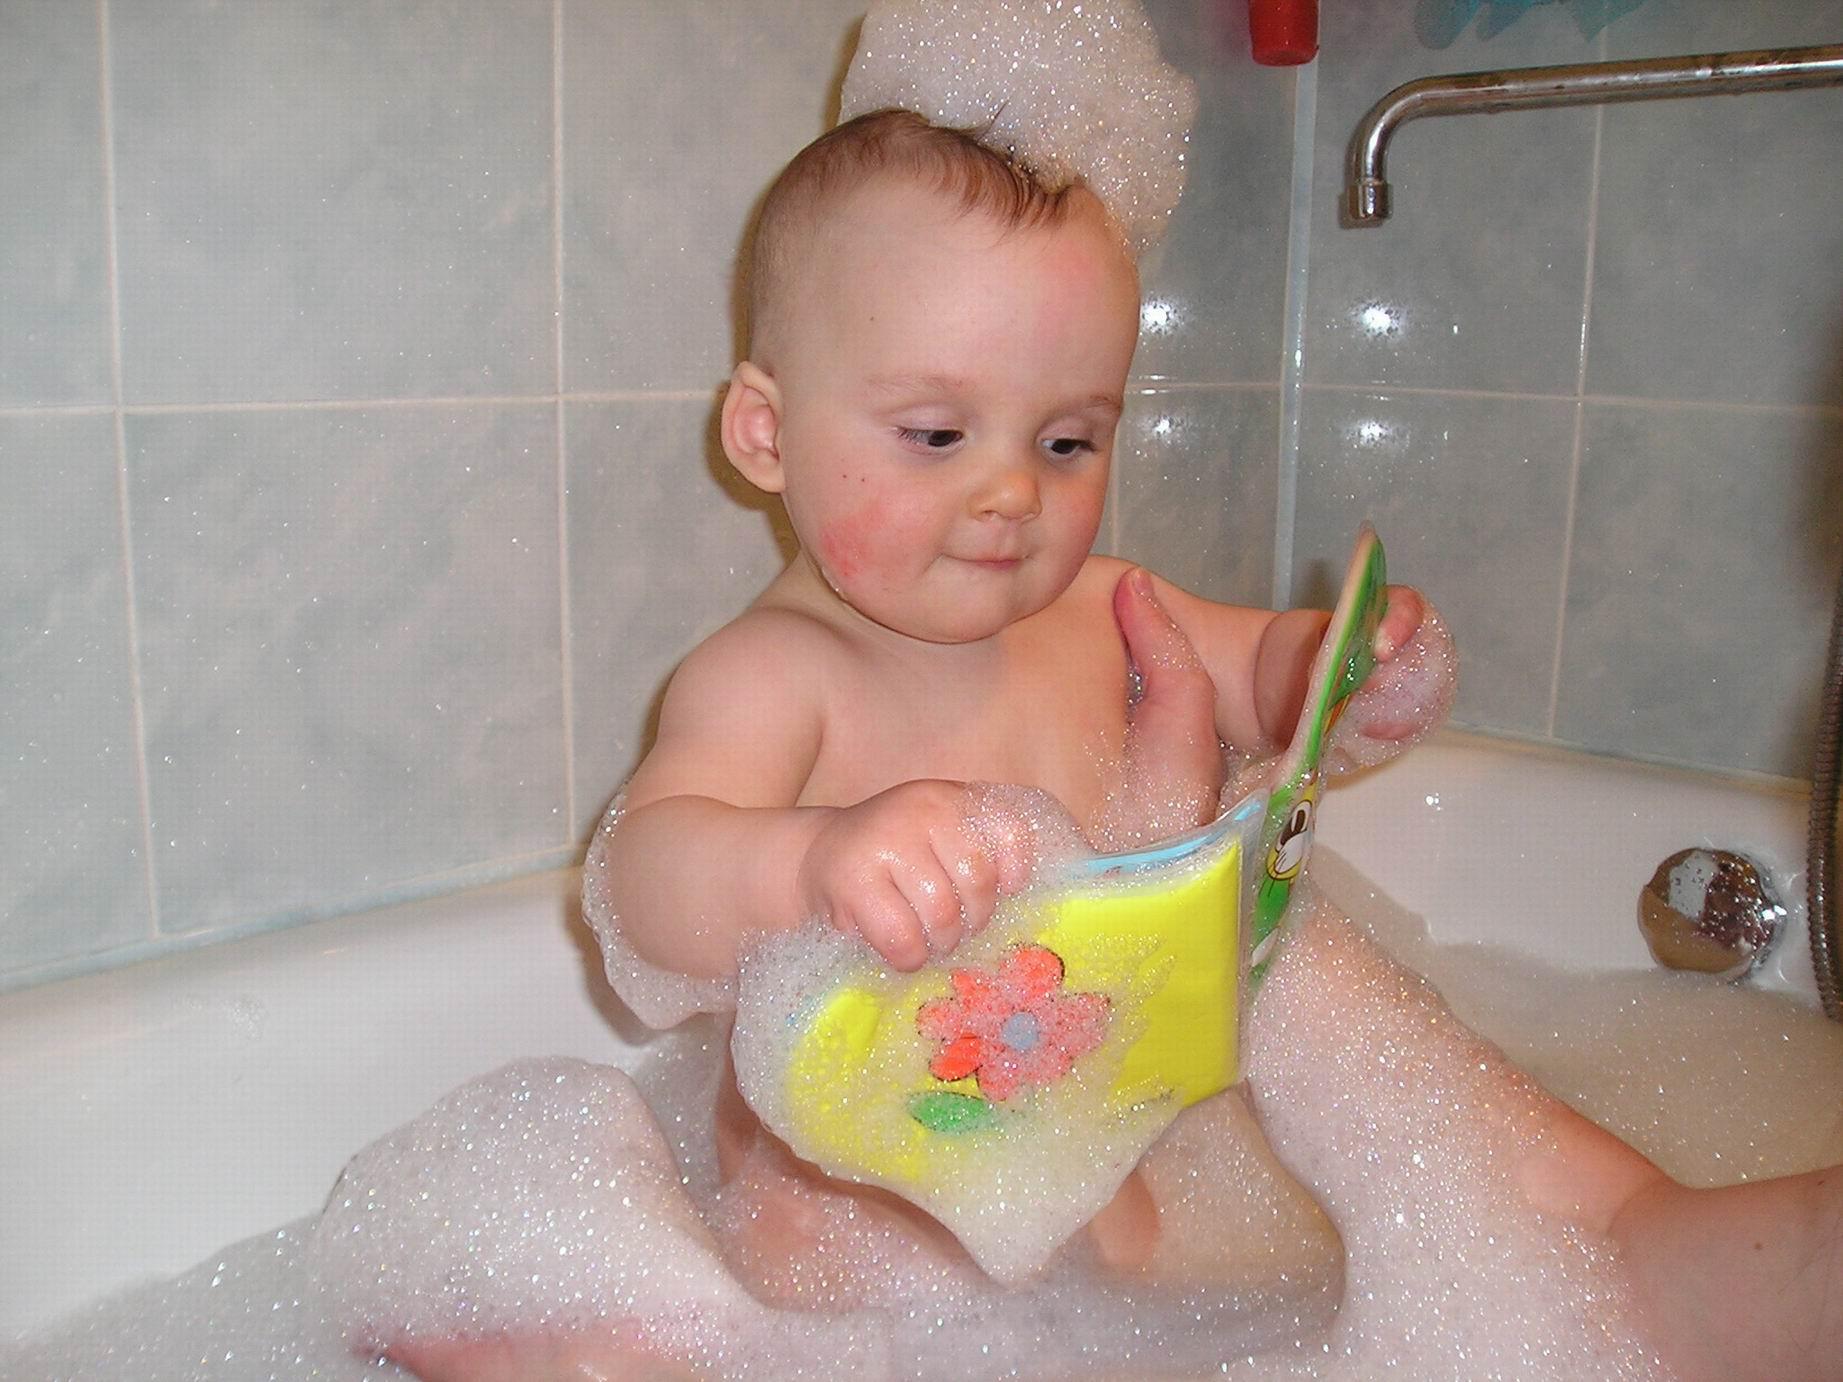 от чтения не отвлекаюсь.... Веселое купание в нежной пенке